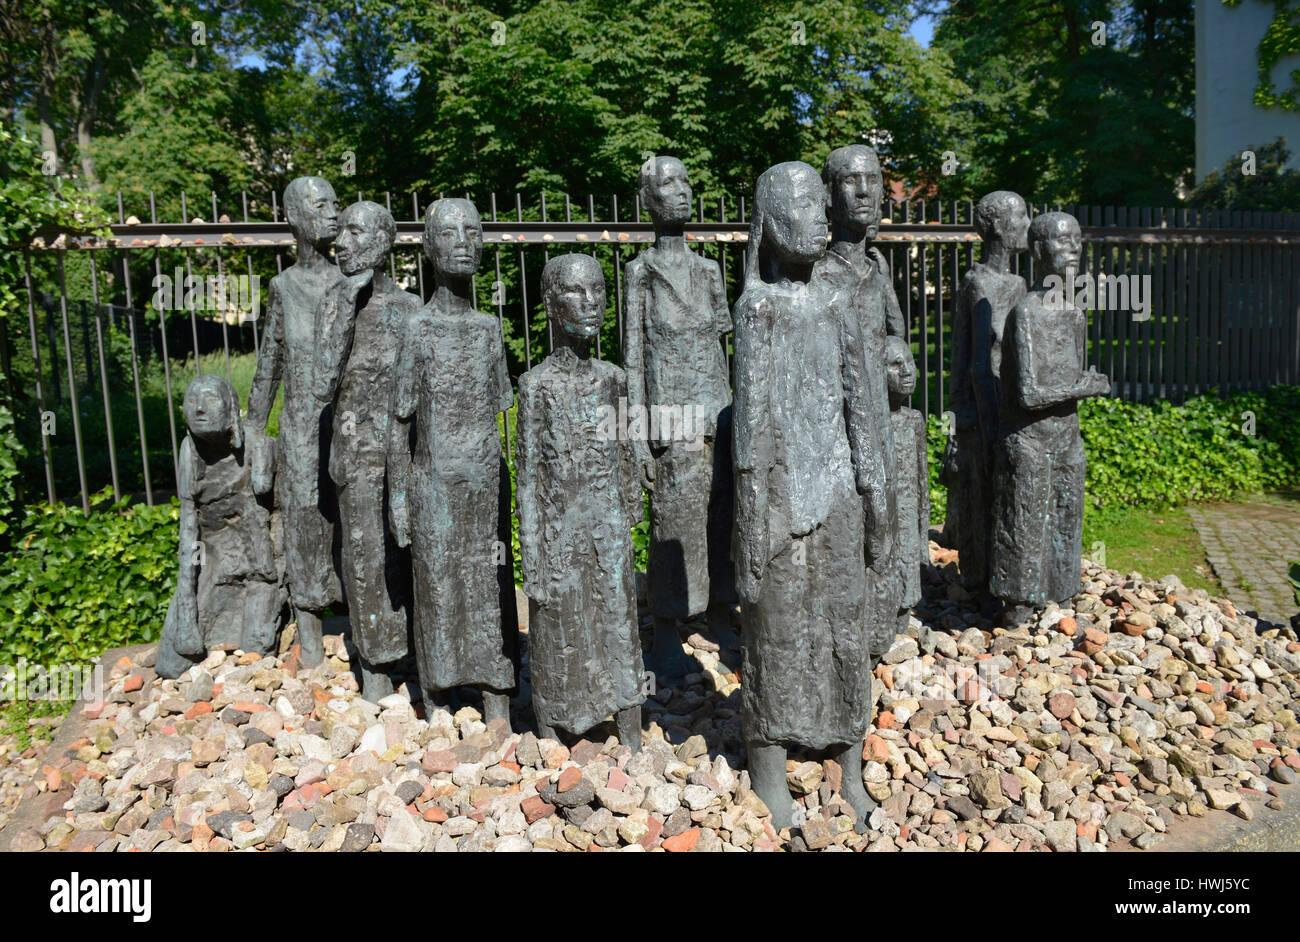 Skulptur Juedische Opfer des Faschismus, Grosse Hamburger Strasse, Mitte, Berlin, Deutschland Stock Photo